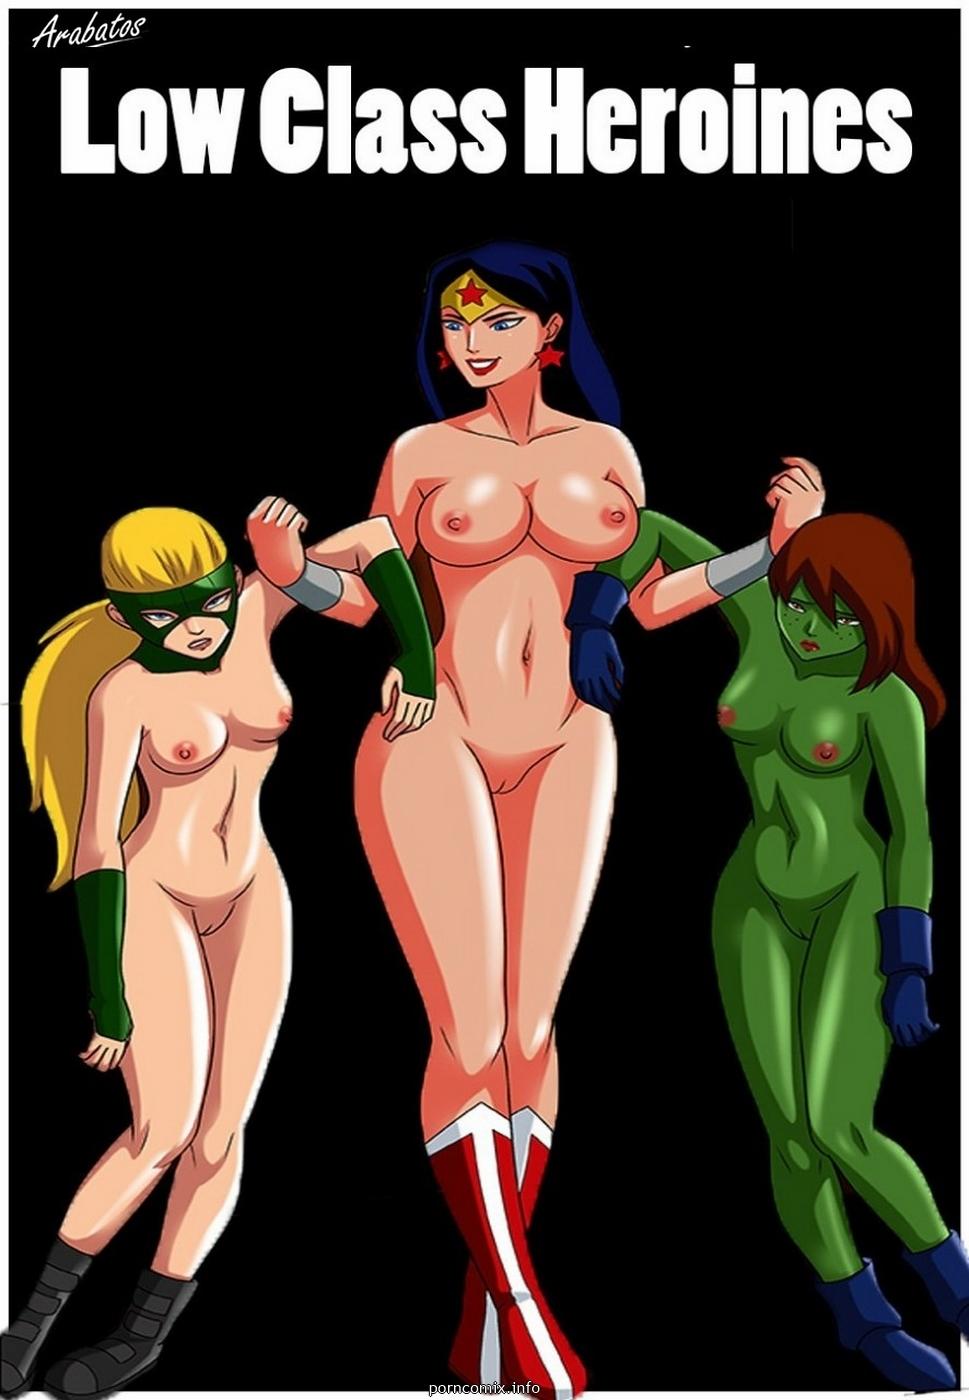 Porn Comics - Low class heroines- Arabatos porn comics 8 muses